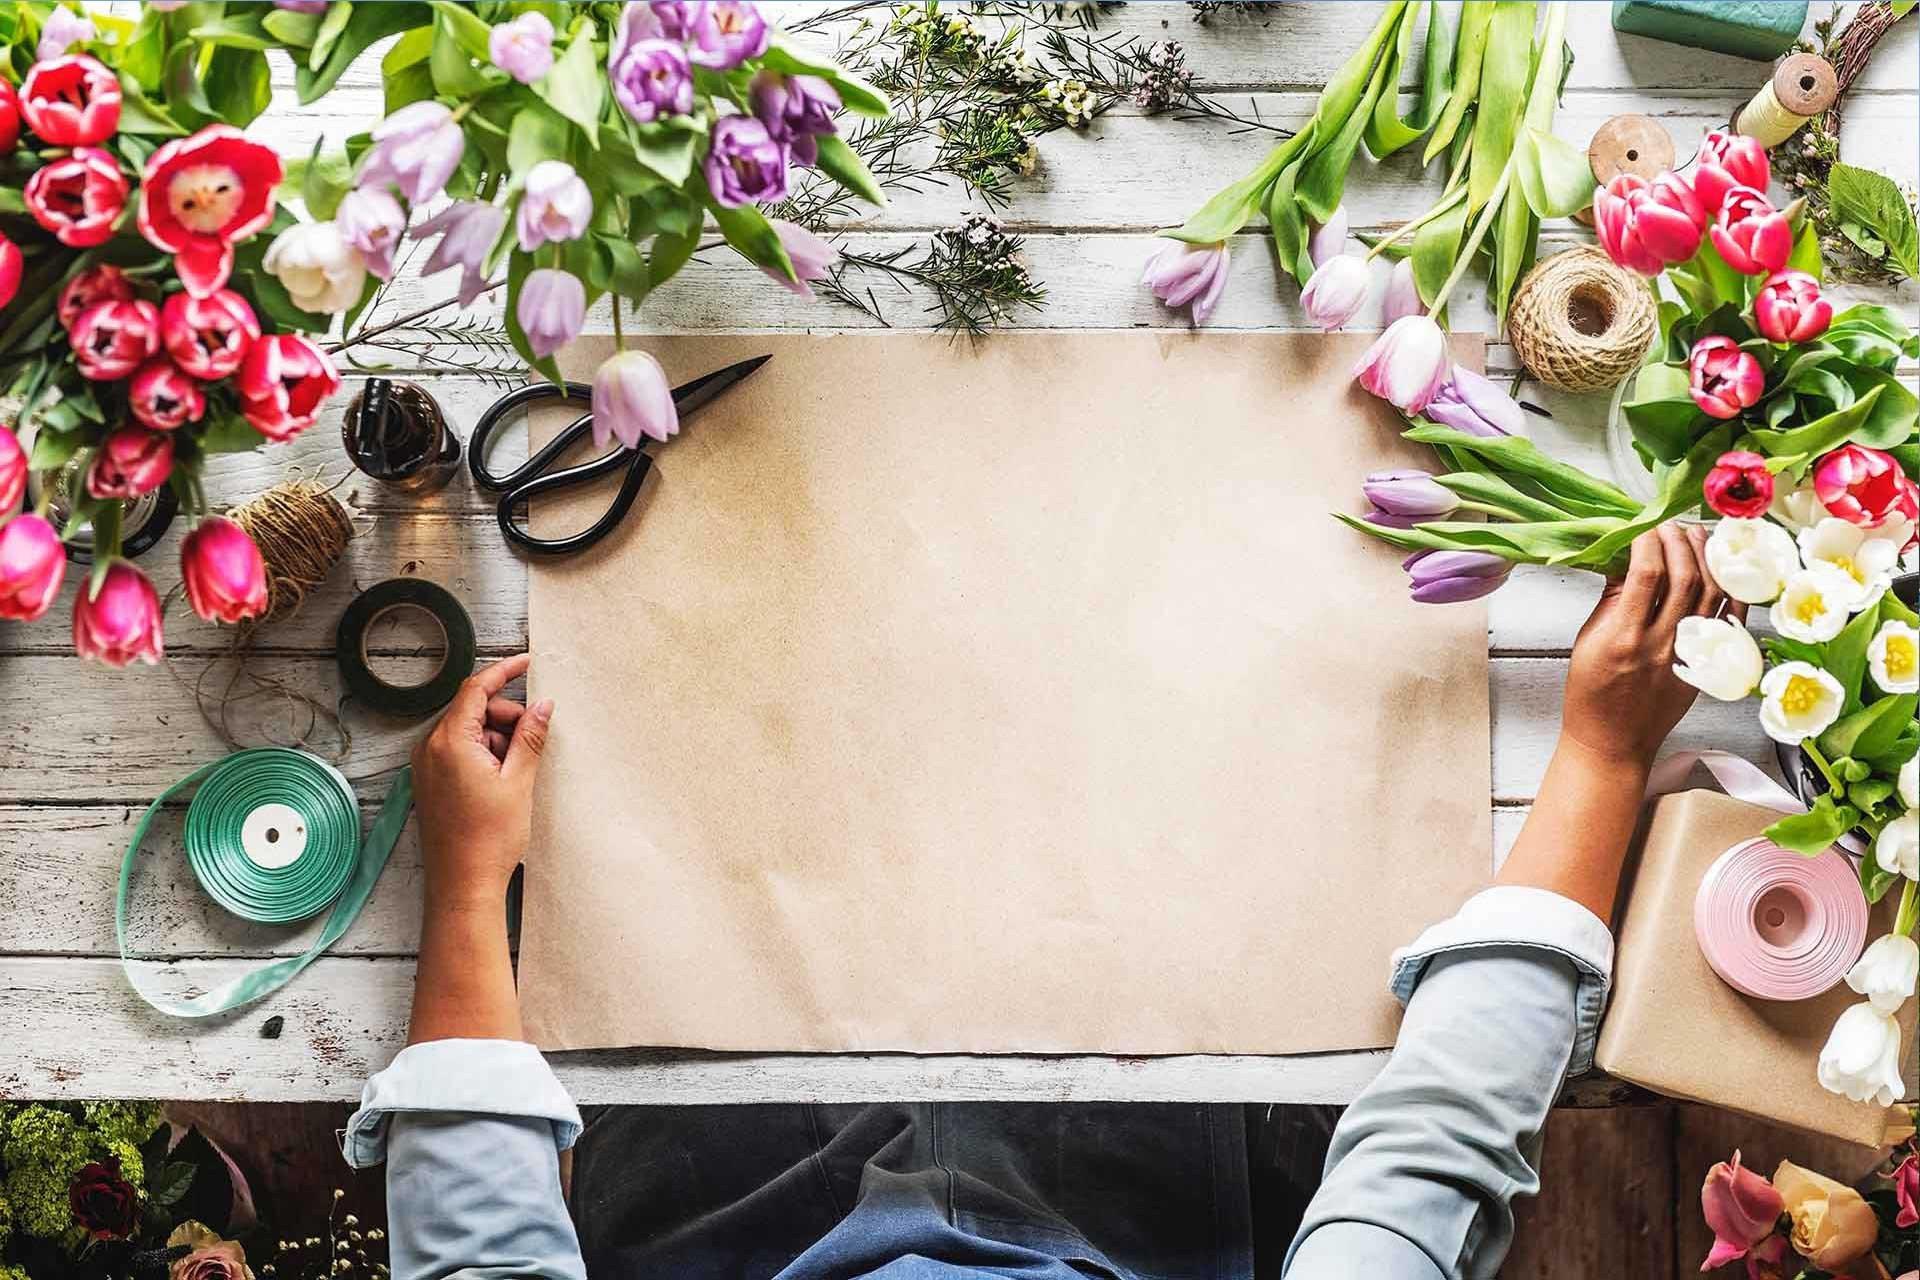 Die Besten Ideen Zum Thema Bastelideen Sommer Findet Ihr Hier